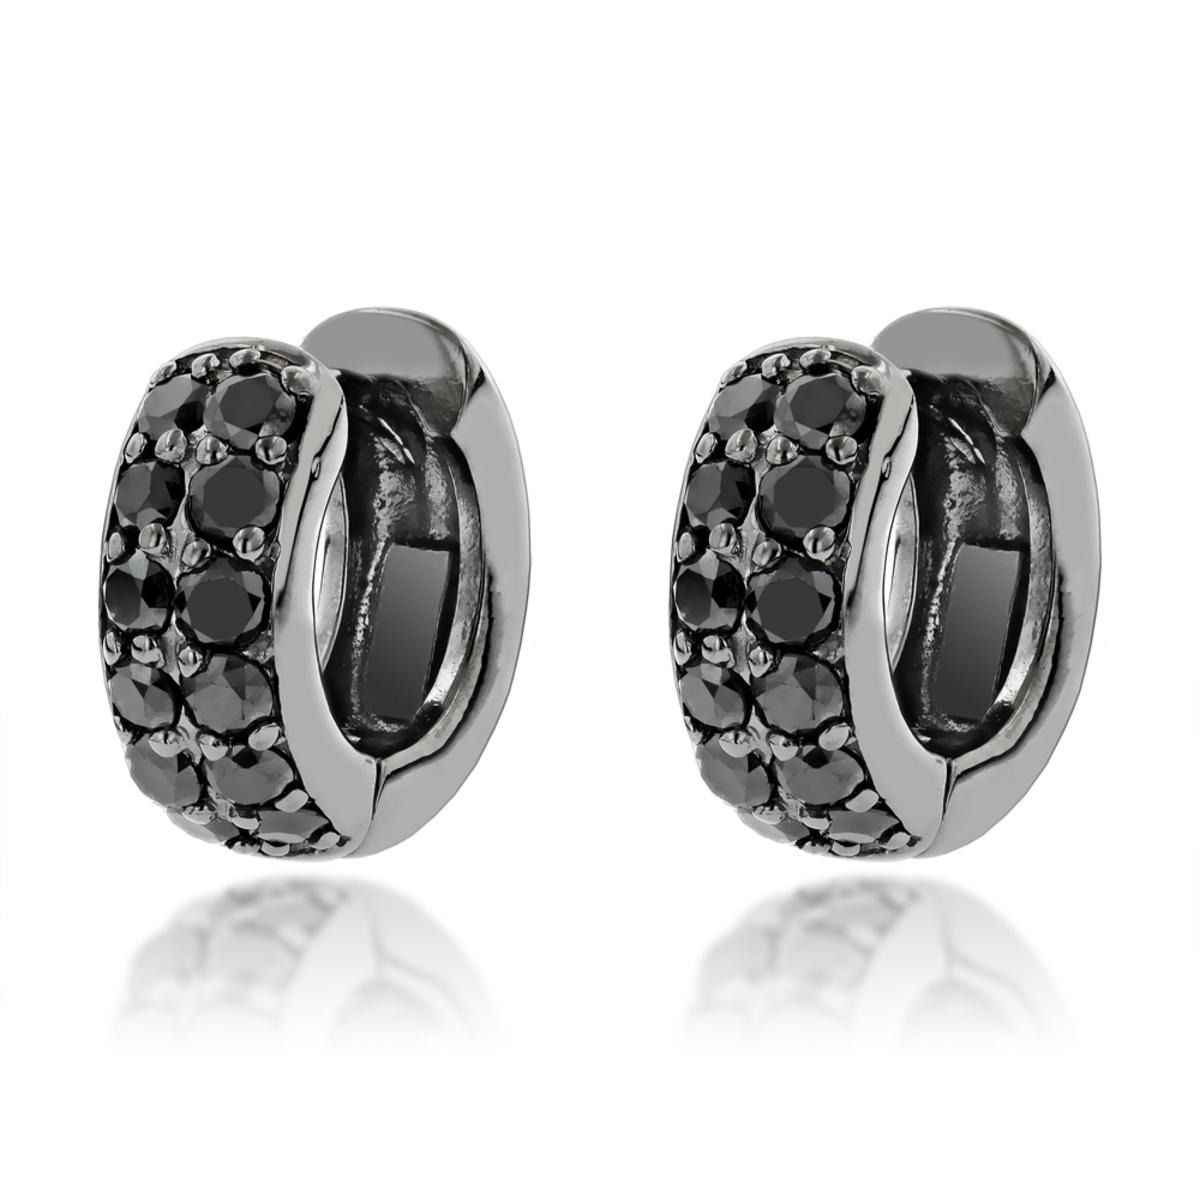 One Carat Black Diamond Hoops 14K Gold Huggie Earrings by Luxurman